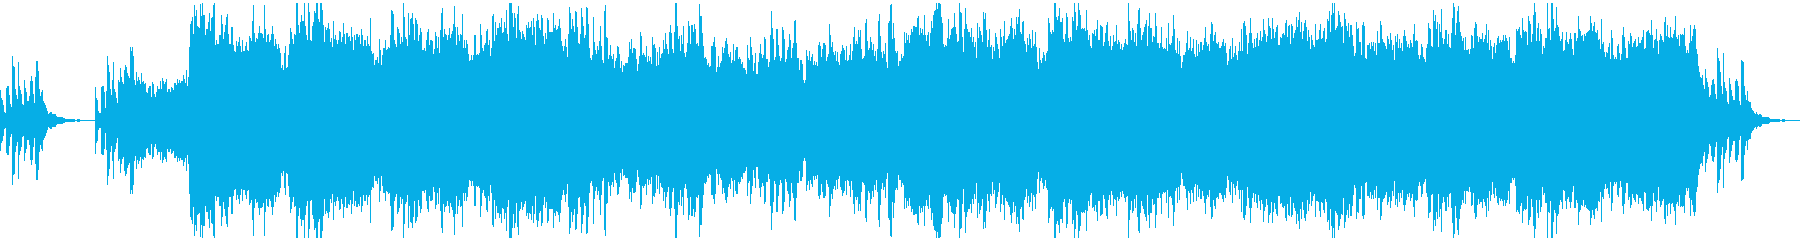 ピアノの主題を軸にした壮大なオーケストラの再生済みの波形